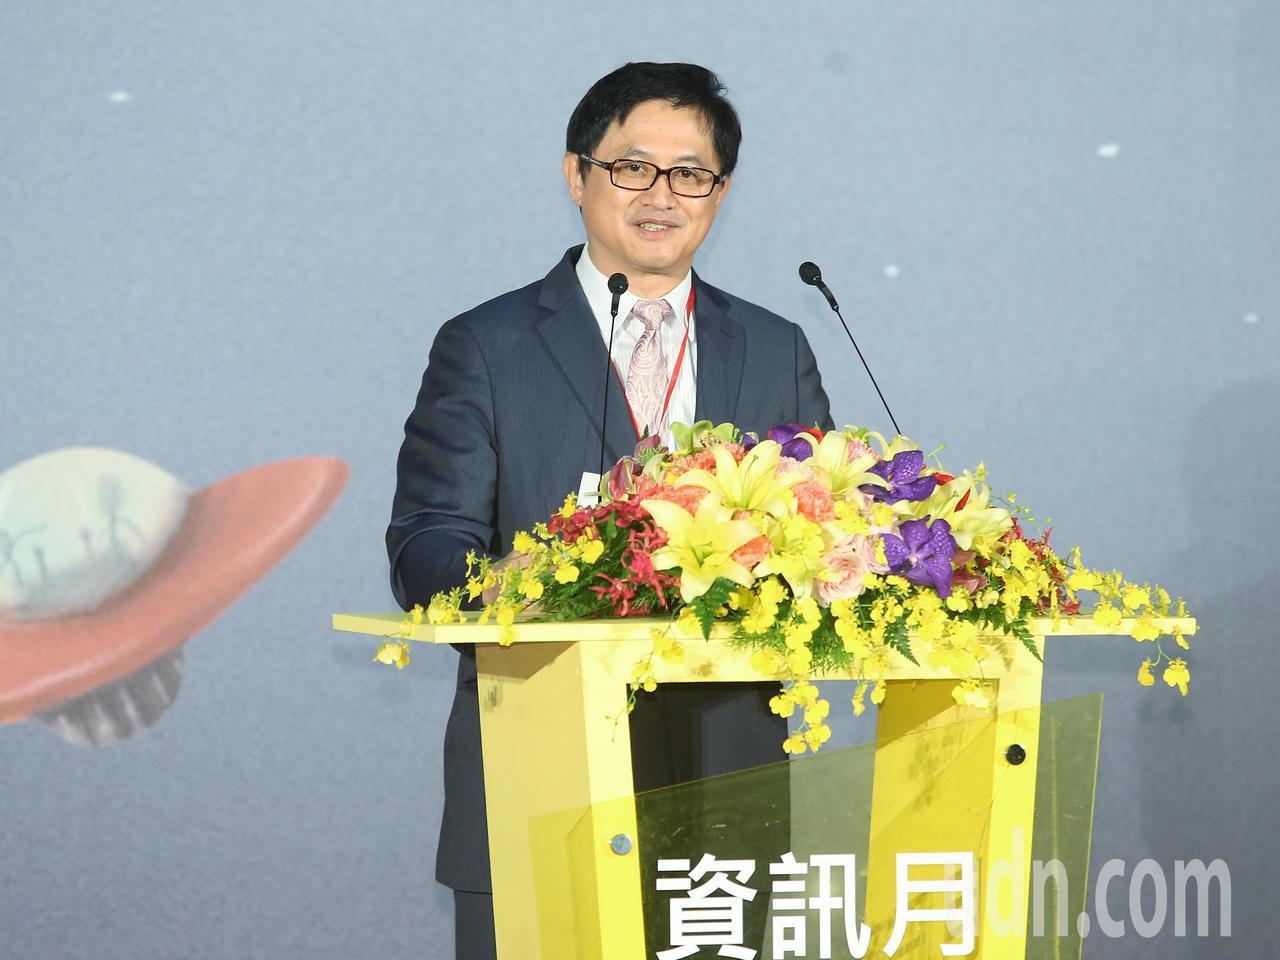 台北市電腦公會理事長童子賢主持資訊月開幕活動。記者楊萬雲/攝影